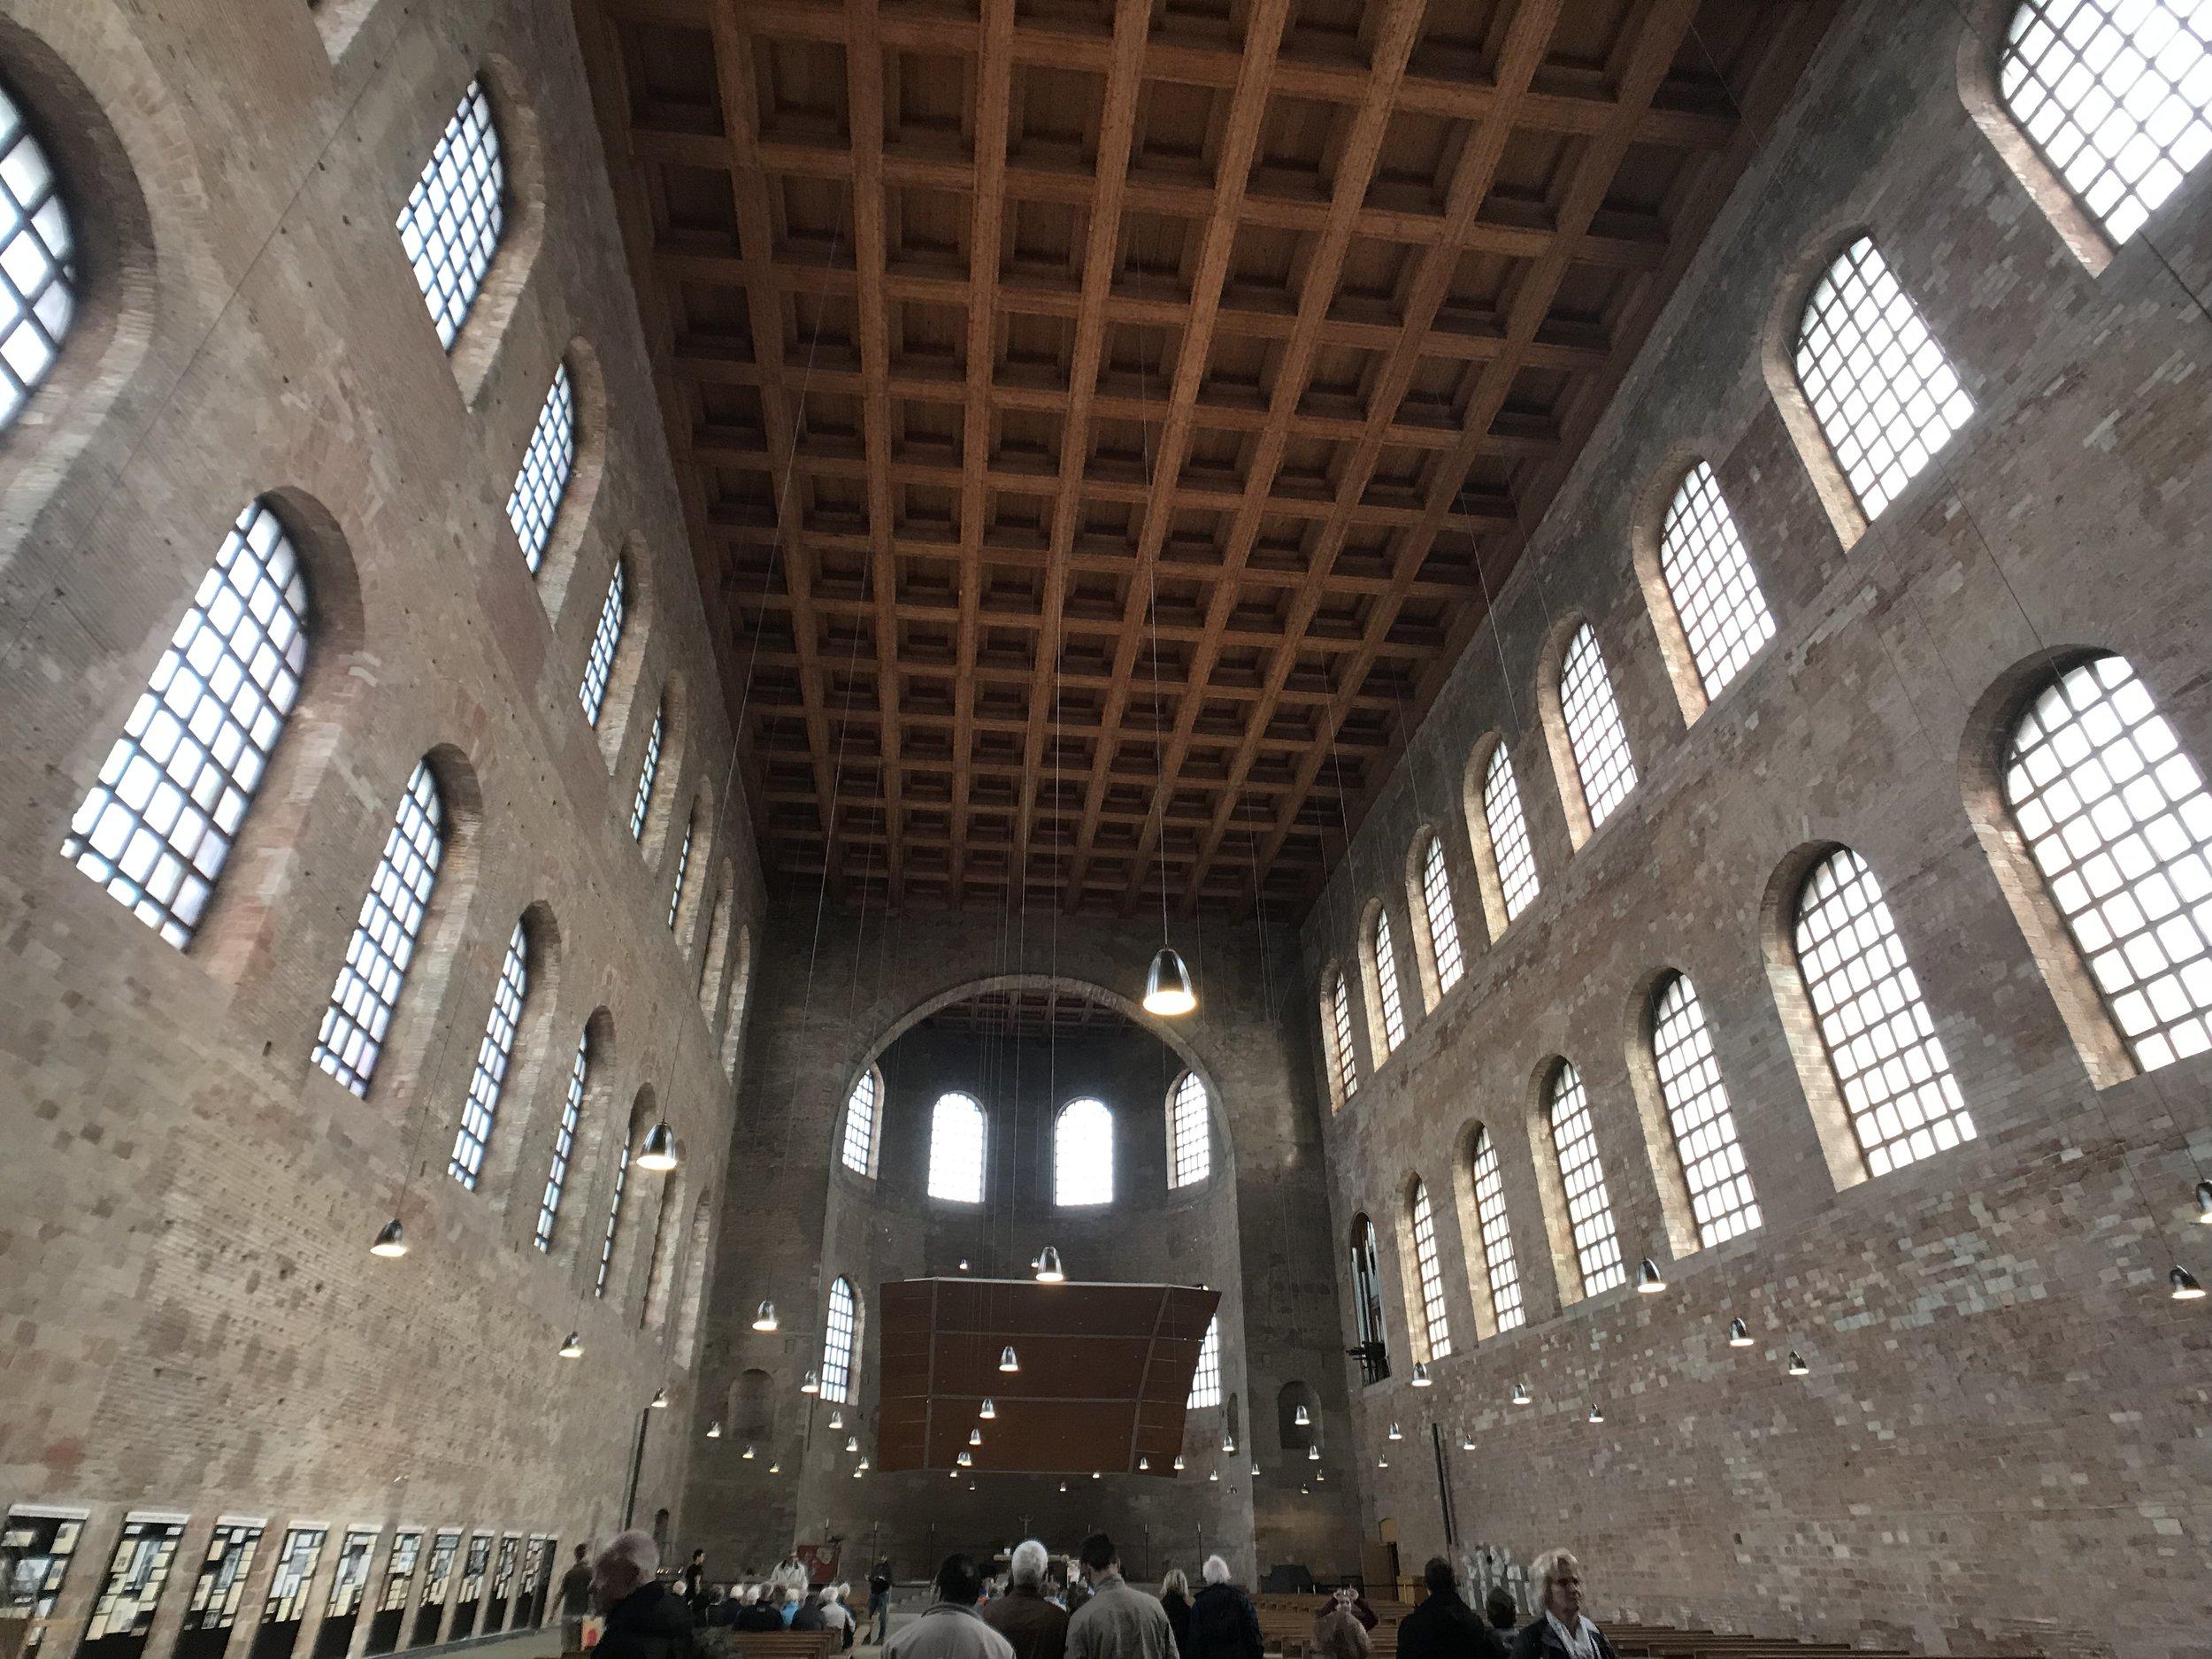 Das Innere der römischen Basilika. Heute ist es eine ev. Kirche.